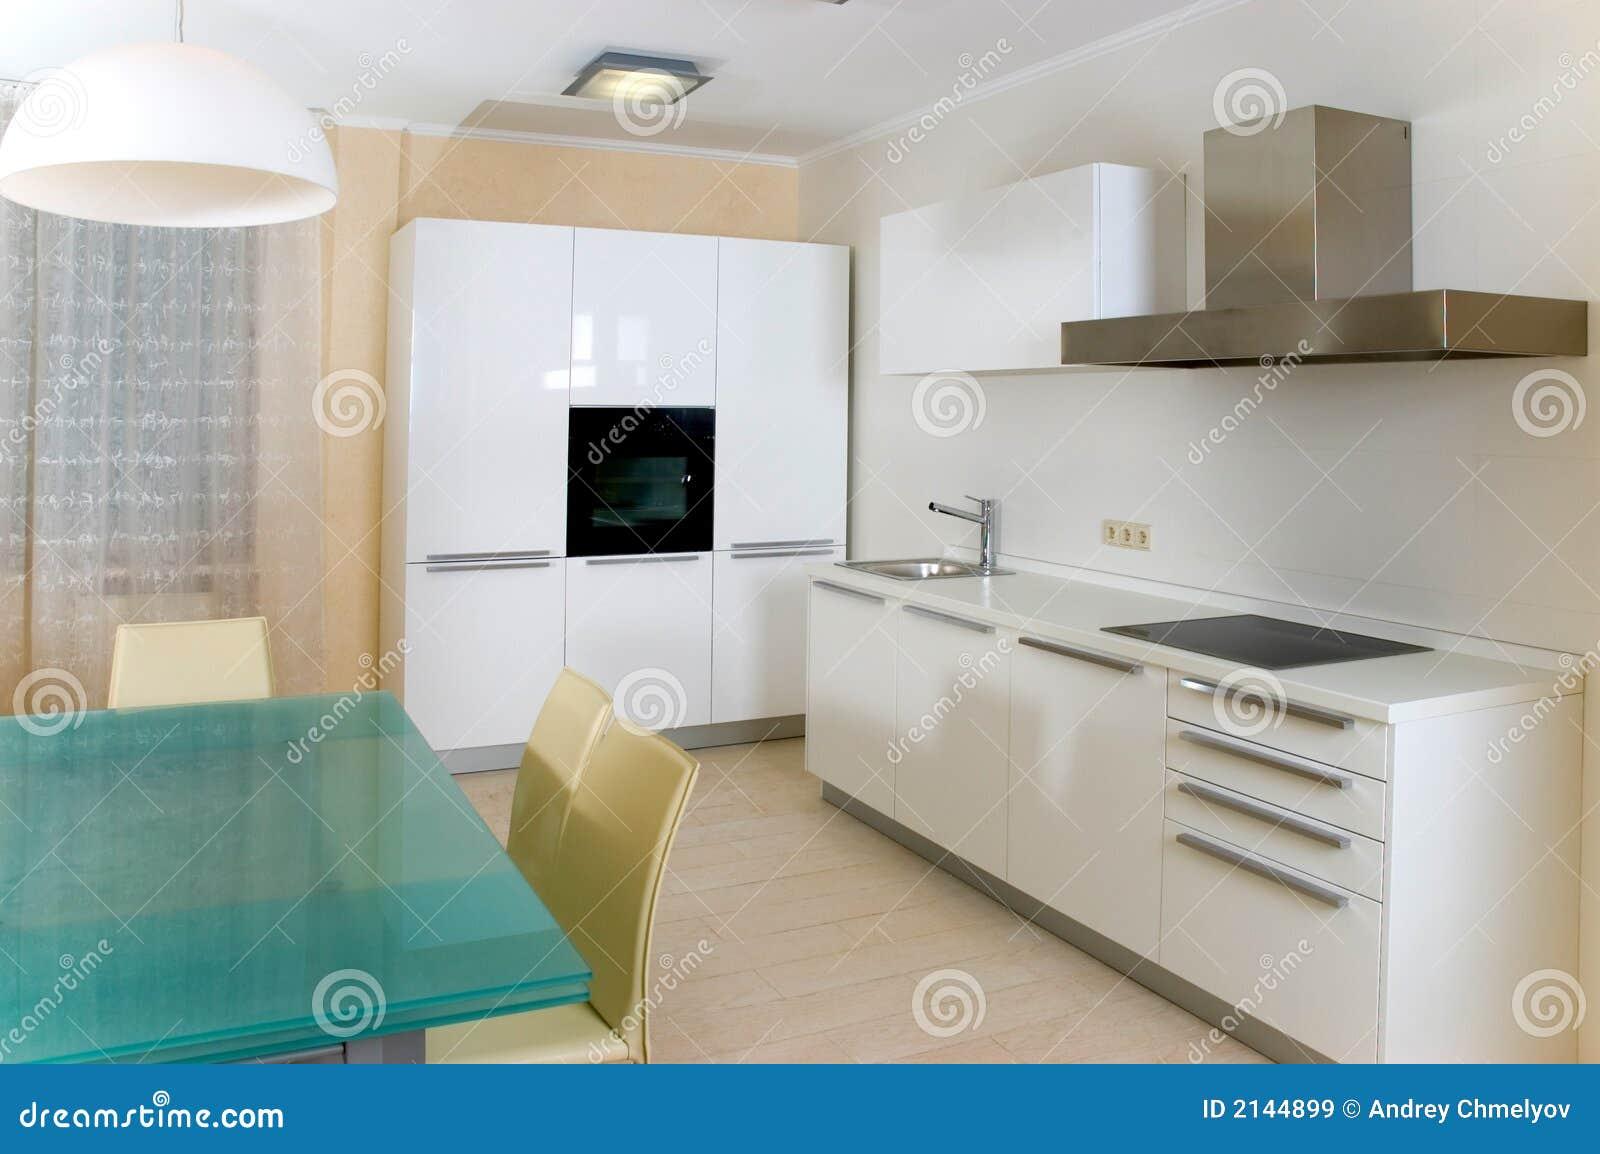 Cuisine moderne avec des meubles images libres de droits for Achat cuisine moderne